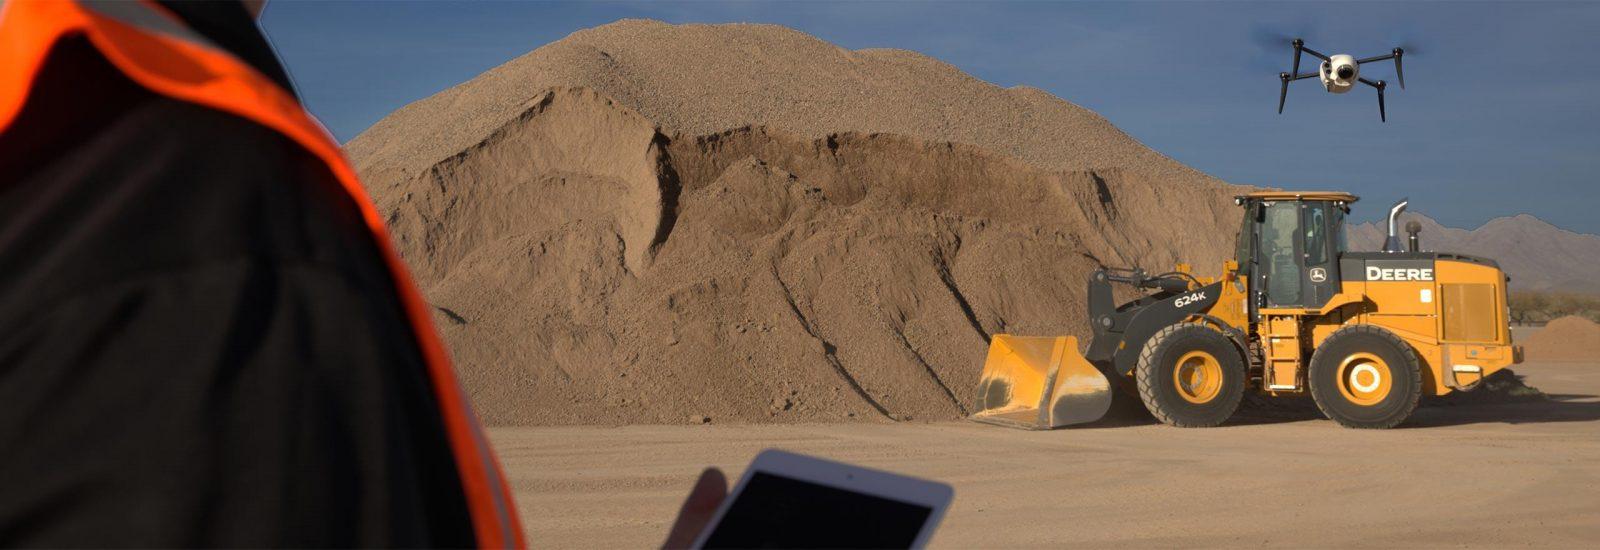 drone excavations